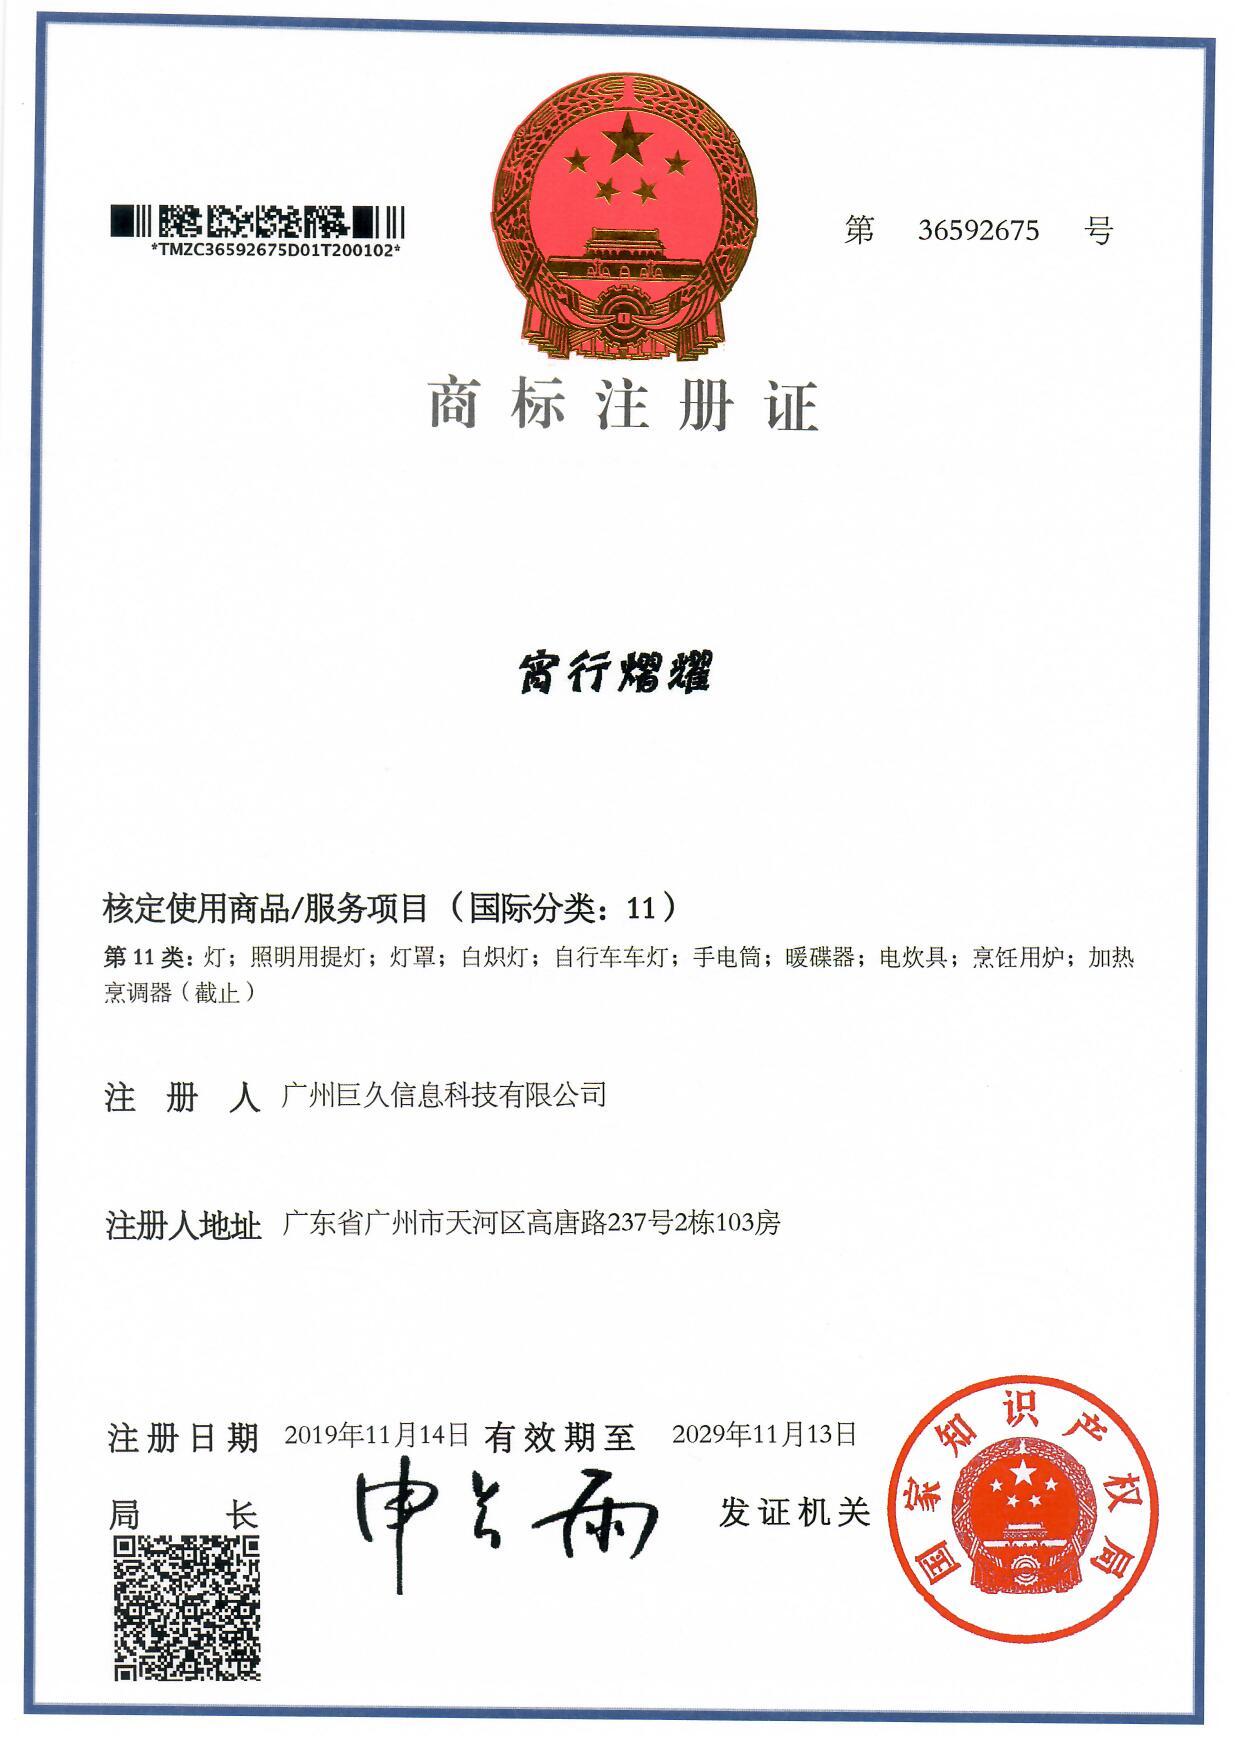 广州巨久信息科技有限公司商标注册证36592675.jpg